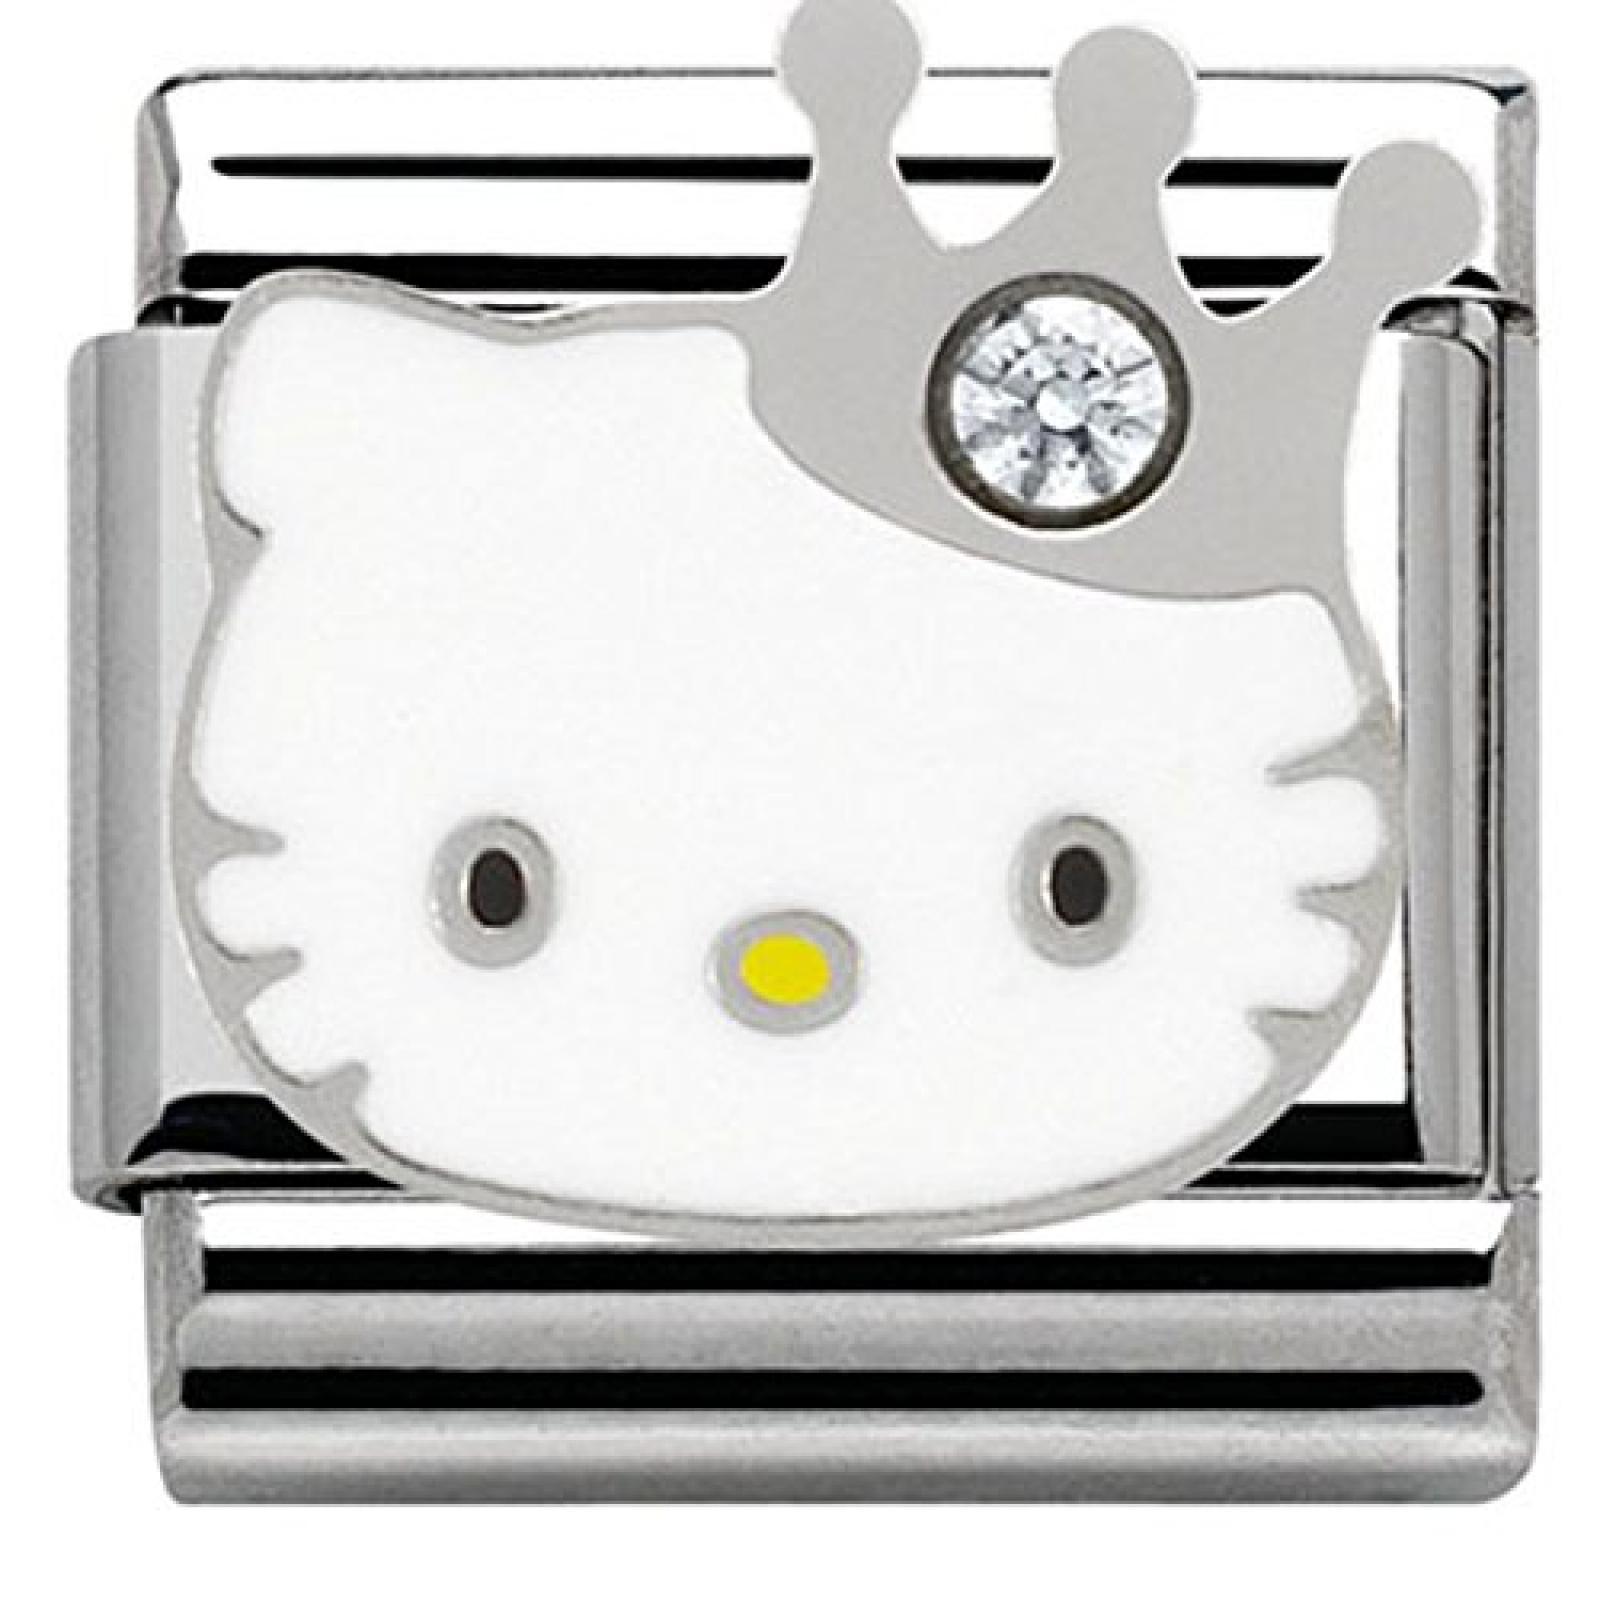 Nomination Damen-Charm Hello Kitty Krone Edelstahl Emaille Glas weiß - 230290/10